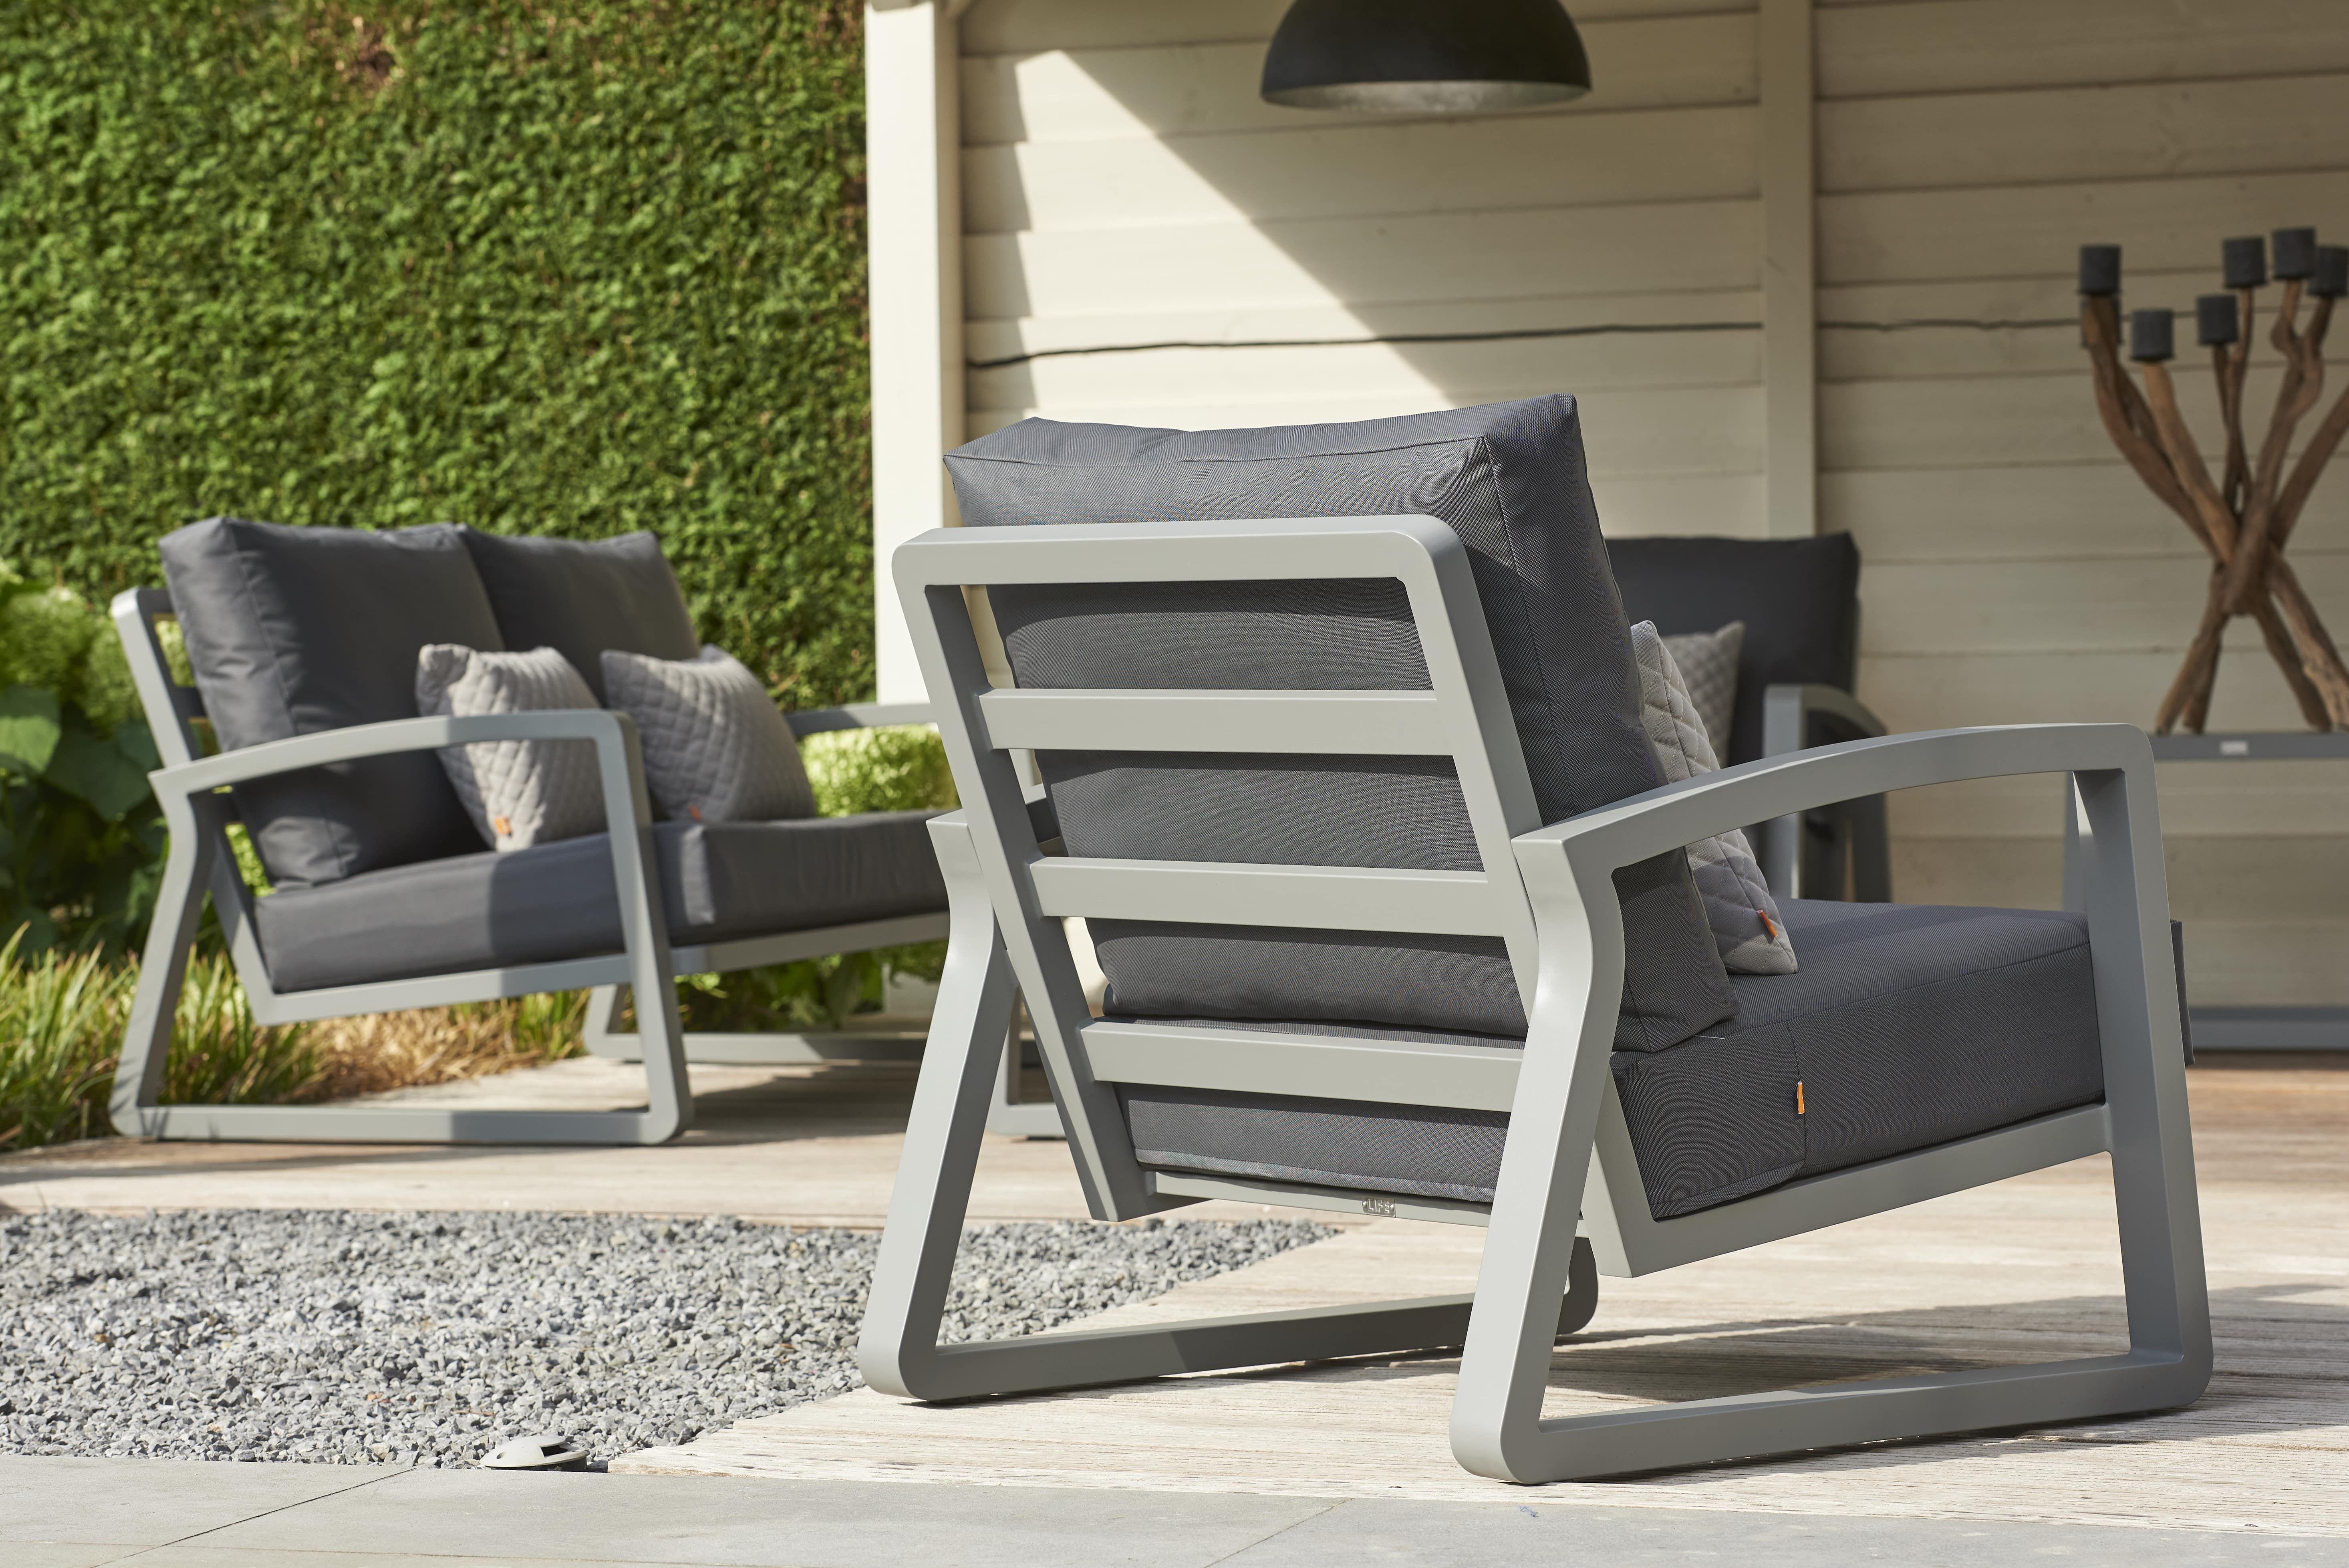 2 Loungestoelen Met Tafeltje.De Curve Loungeset Bestaat Uit Een 2 5 Zits Bank Twee